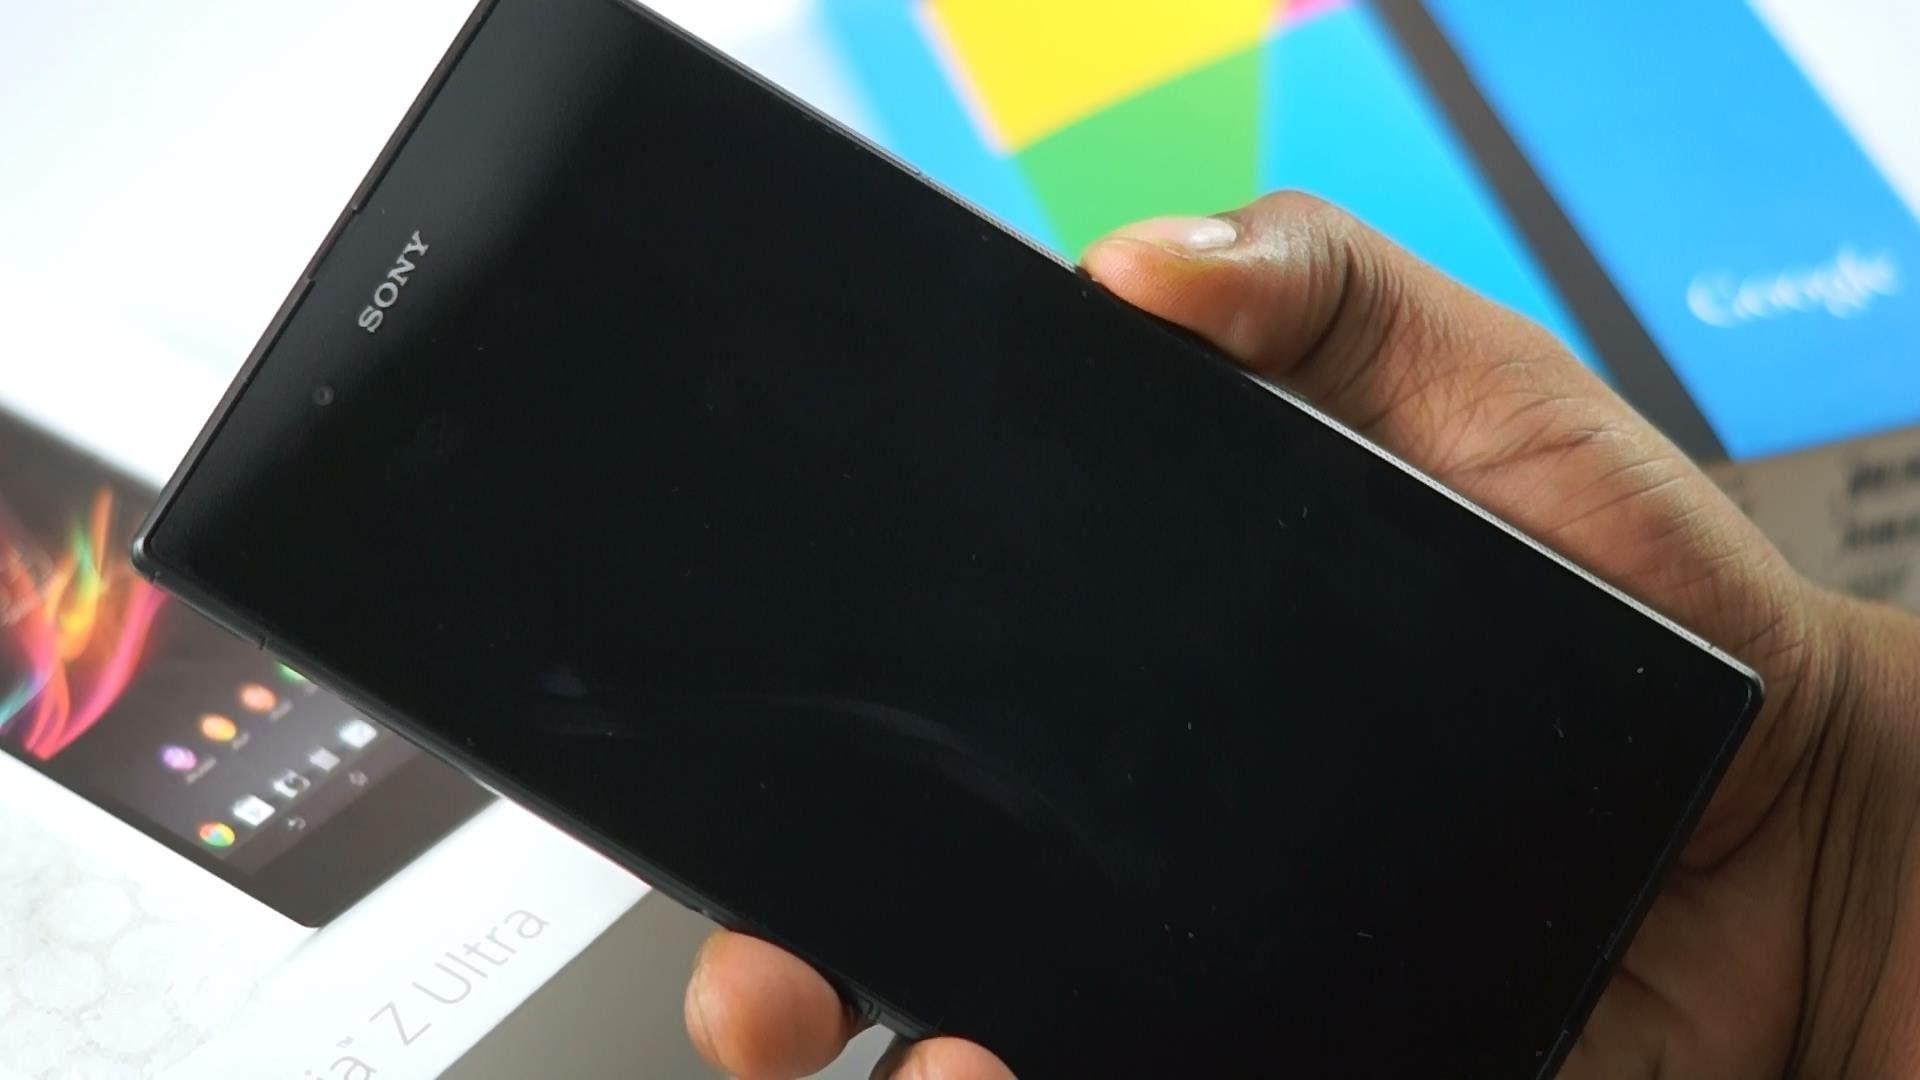 Layar hitam Sony Xperia - Kami membantu Anda mengatasi kesalahan 2